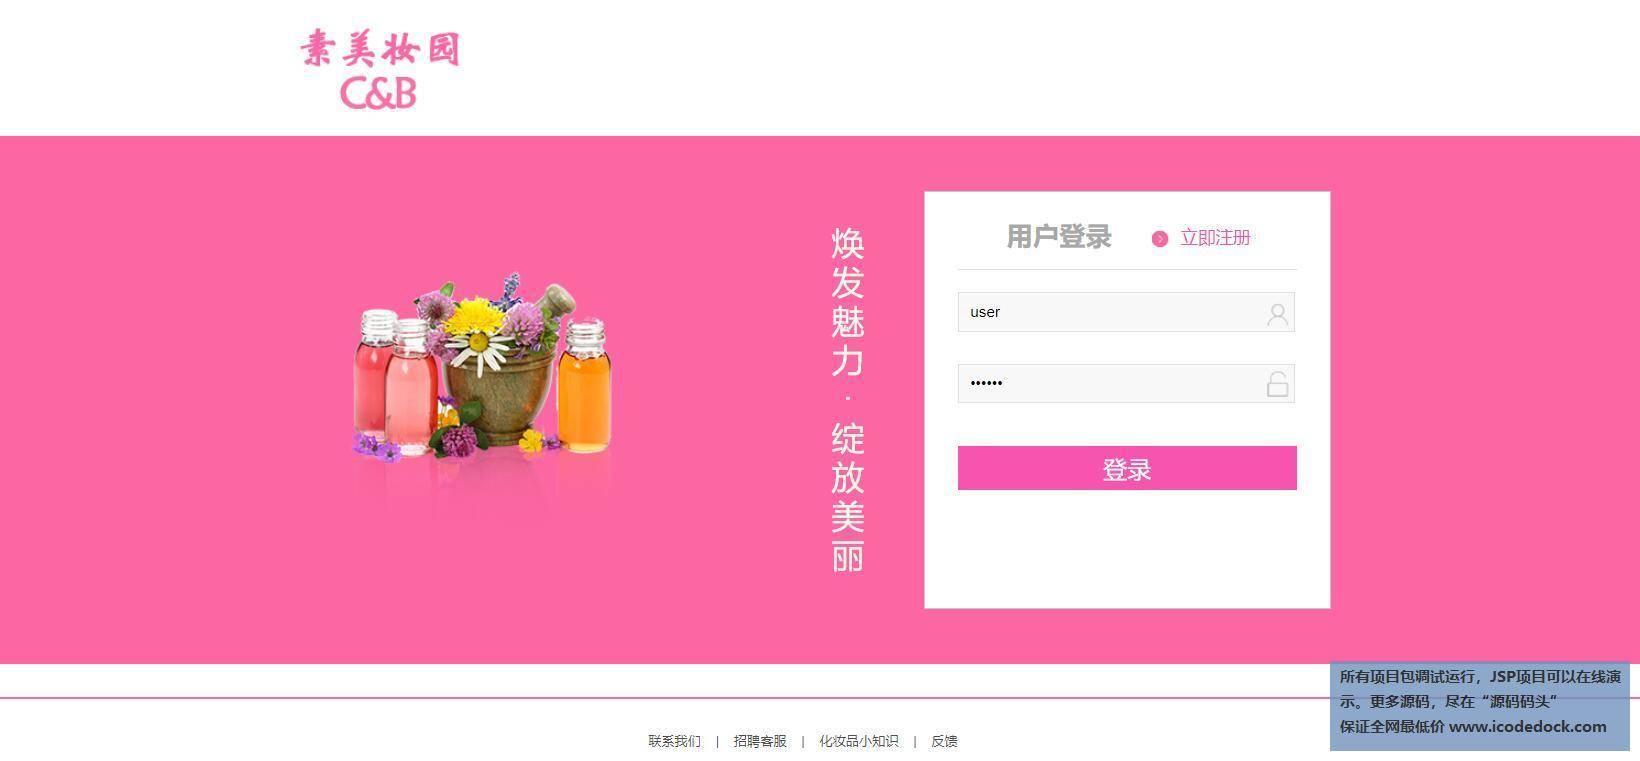 源码码头-SSM在线化妆品网站-用户角色-用户登录